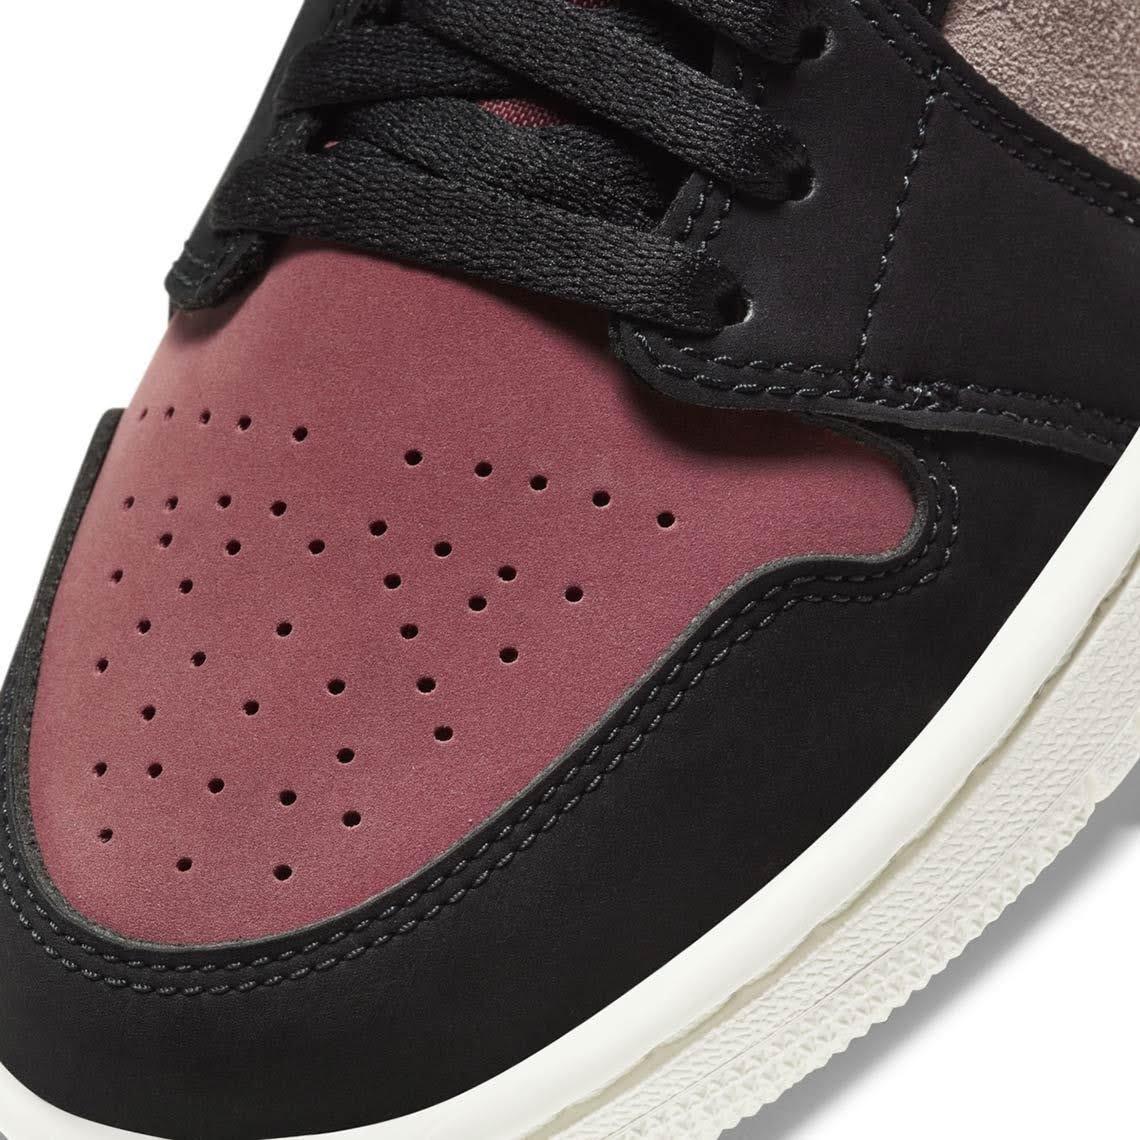 """ナイキ エア ジョーダン 1 ミッド """"バーガンディ/ ダスティピンク"""" Nike-Air-Jordan-1-WMNS-Dusty-Pink-Burgundy-toe-closeup"""